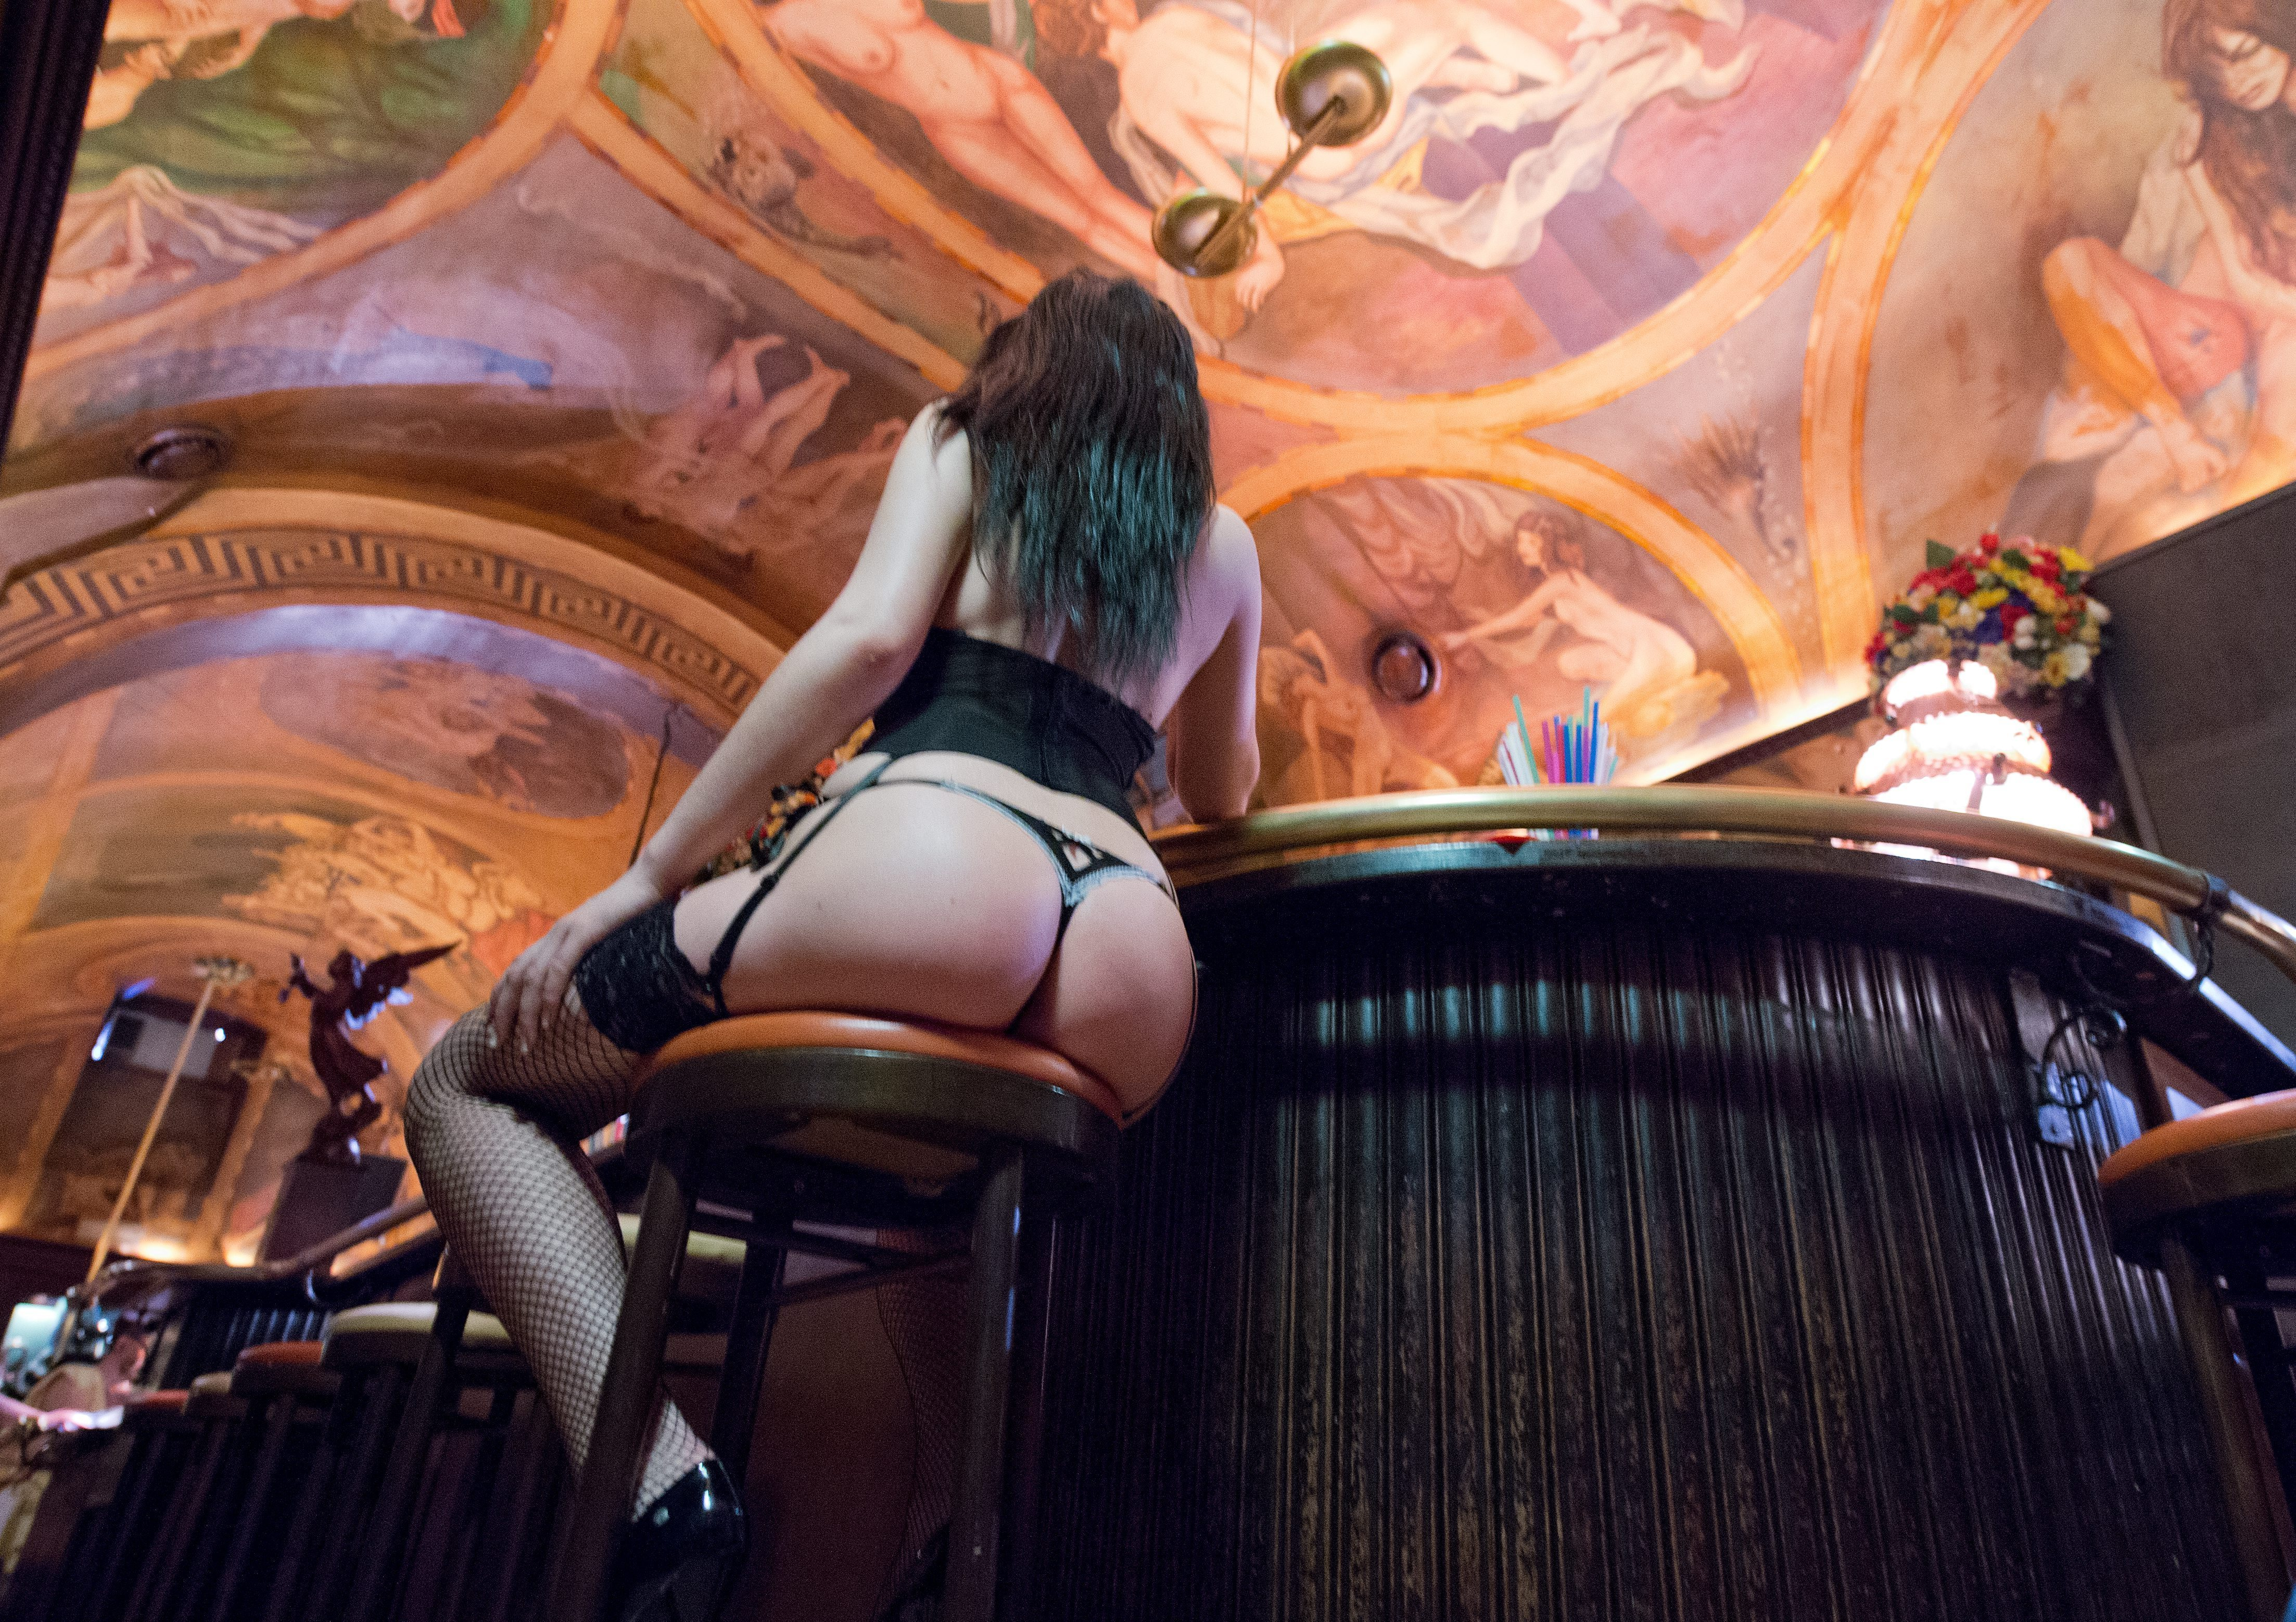 prostitution verbieten was mögen frauen